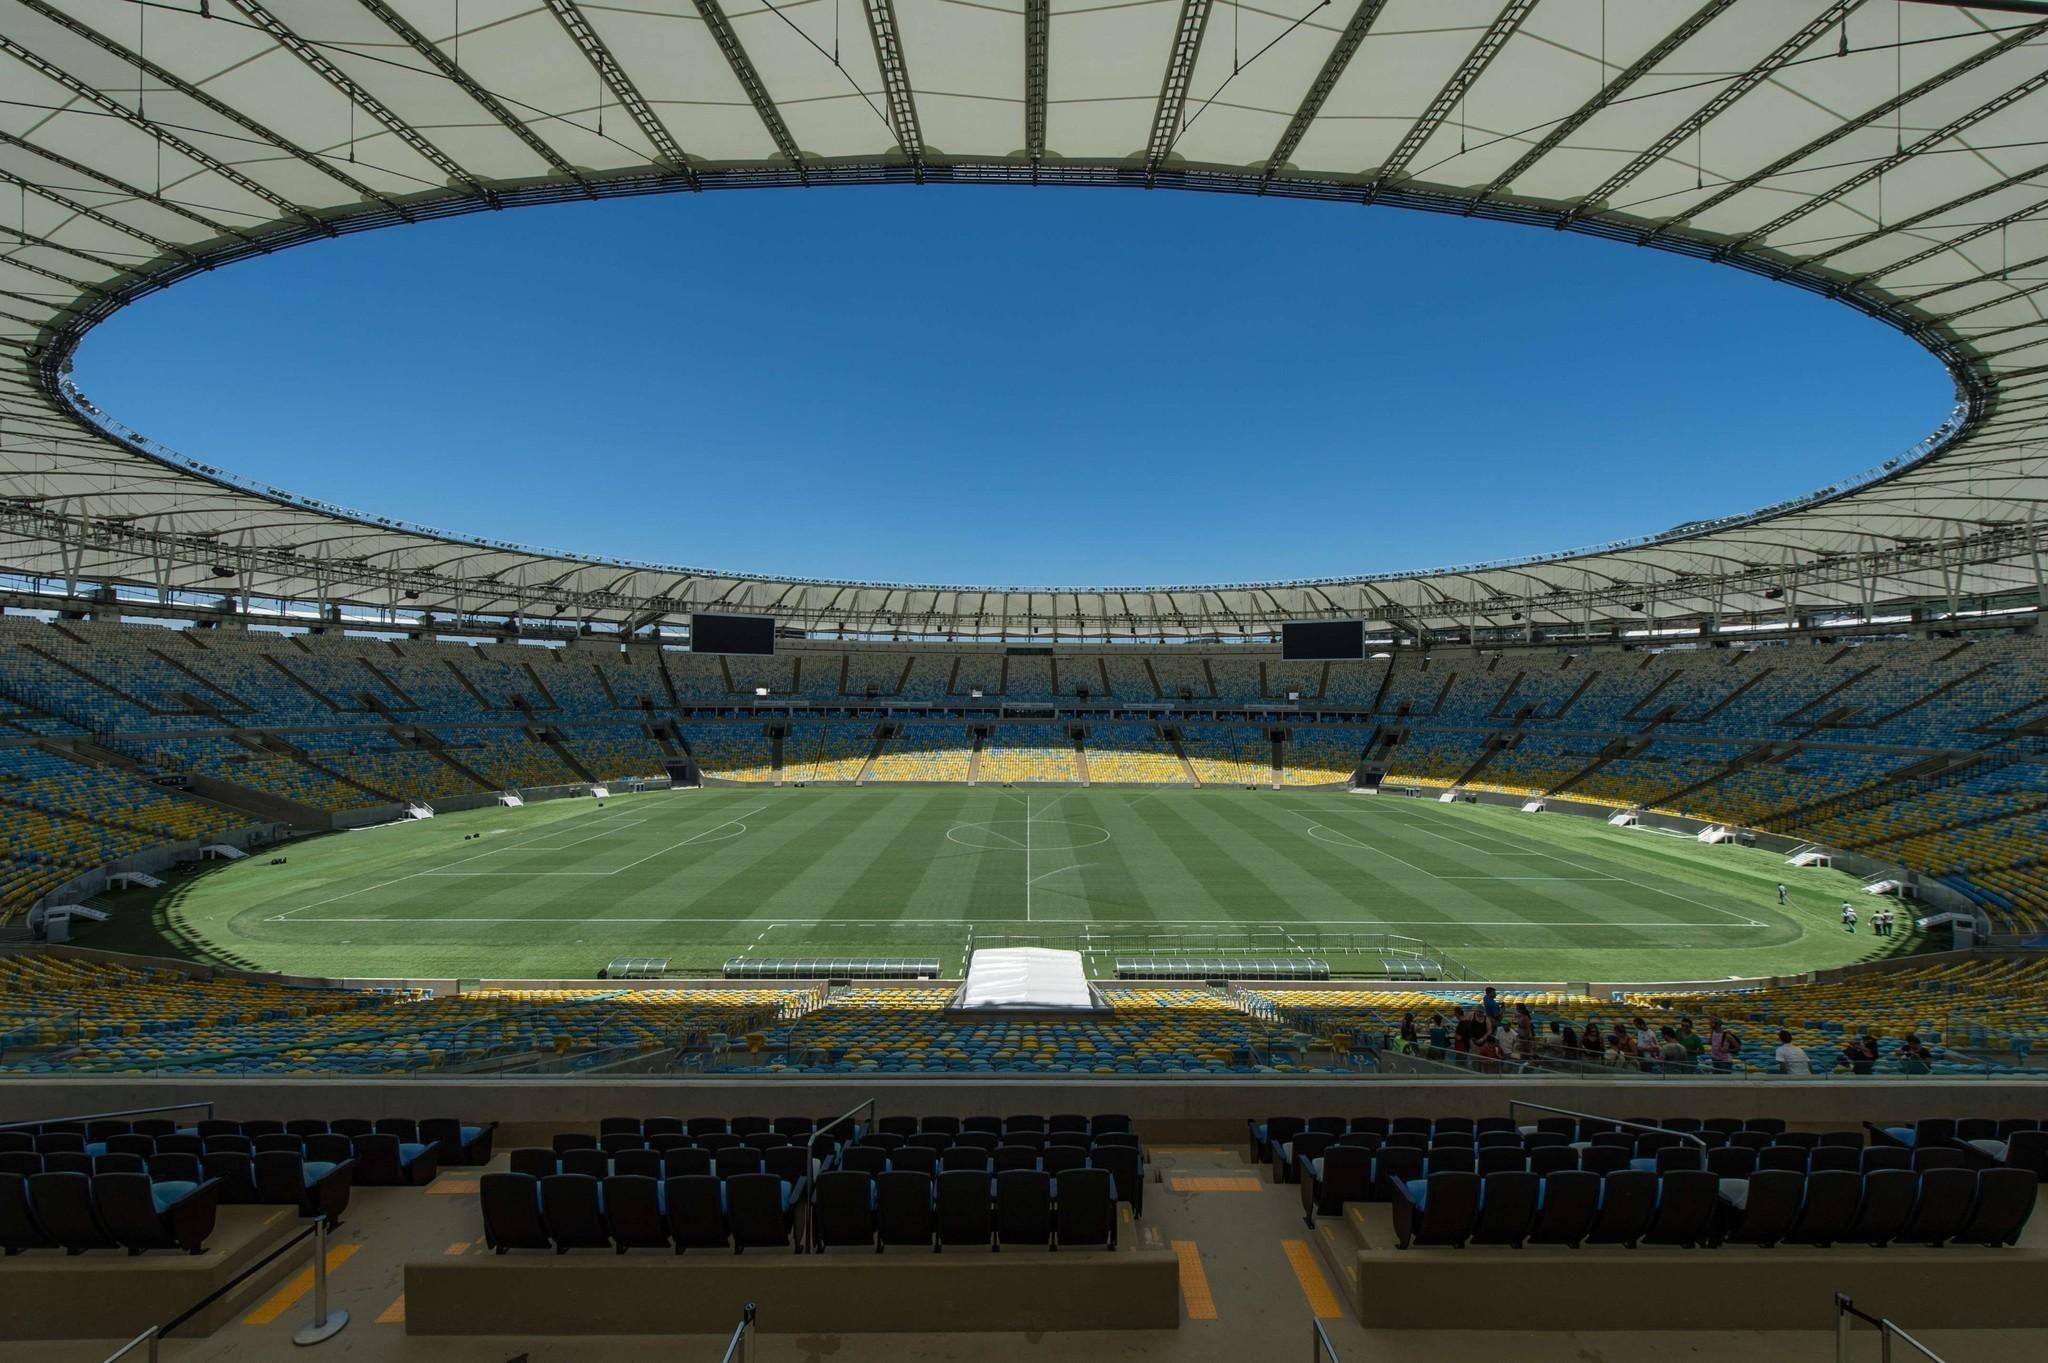 Estádio Jornalista Mário Filho, Maracanã, Rio de Janeiro - RJ, Brasil